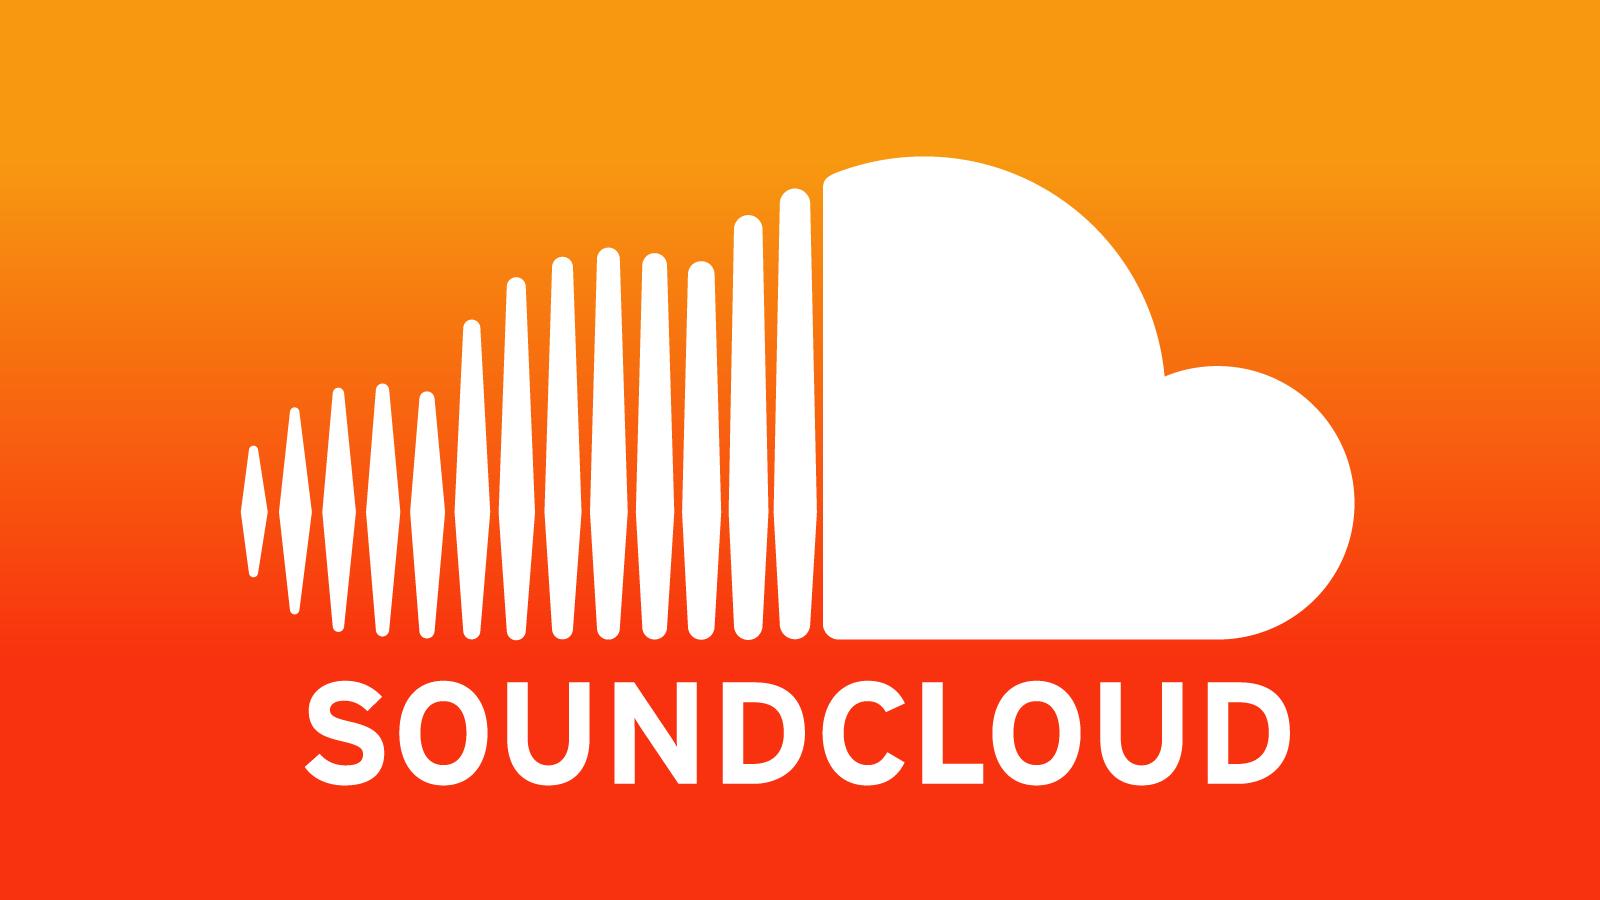 SoundCloud | Know Your Meme